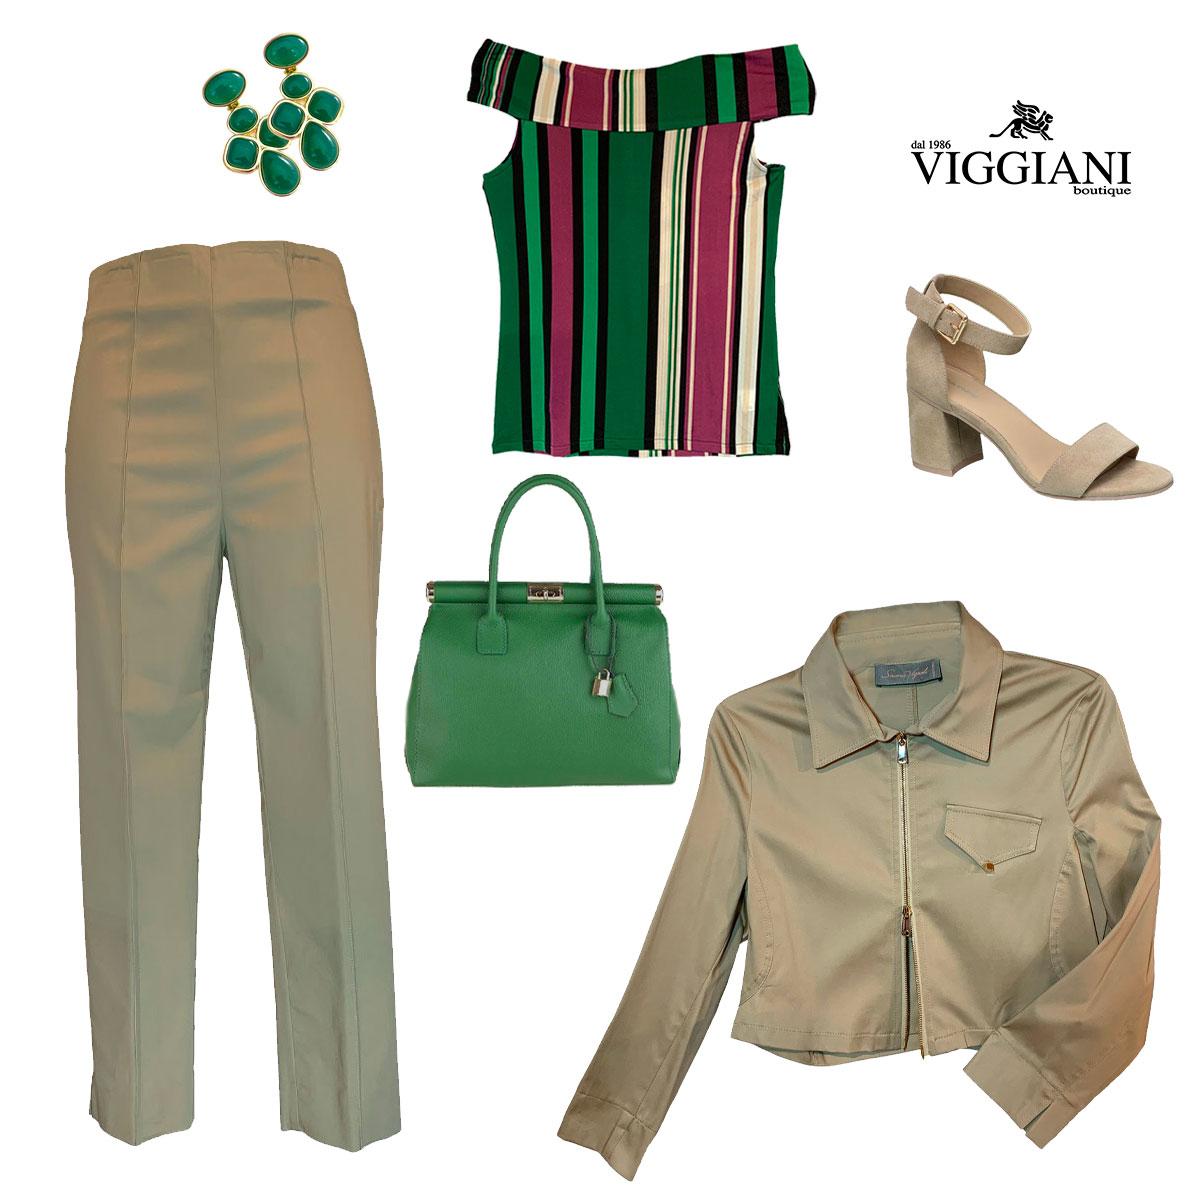 Outfit 7 Festa di Compleanno - Boutique Viggiani - Abbigliamento donna casual e cerimonia a Pisticci